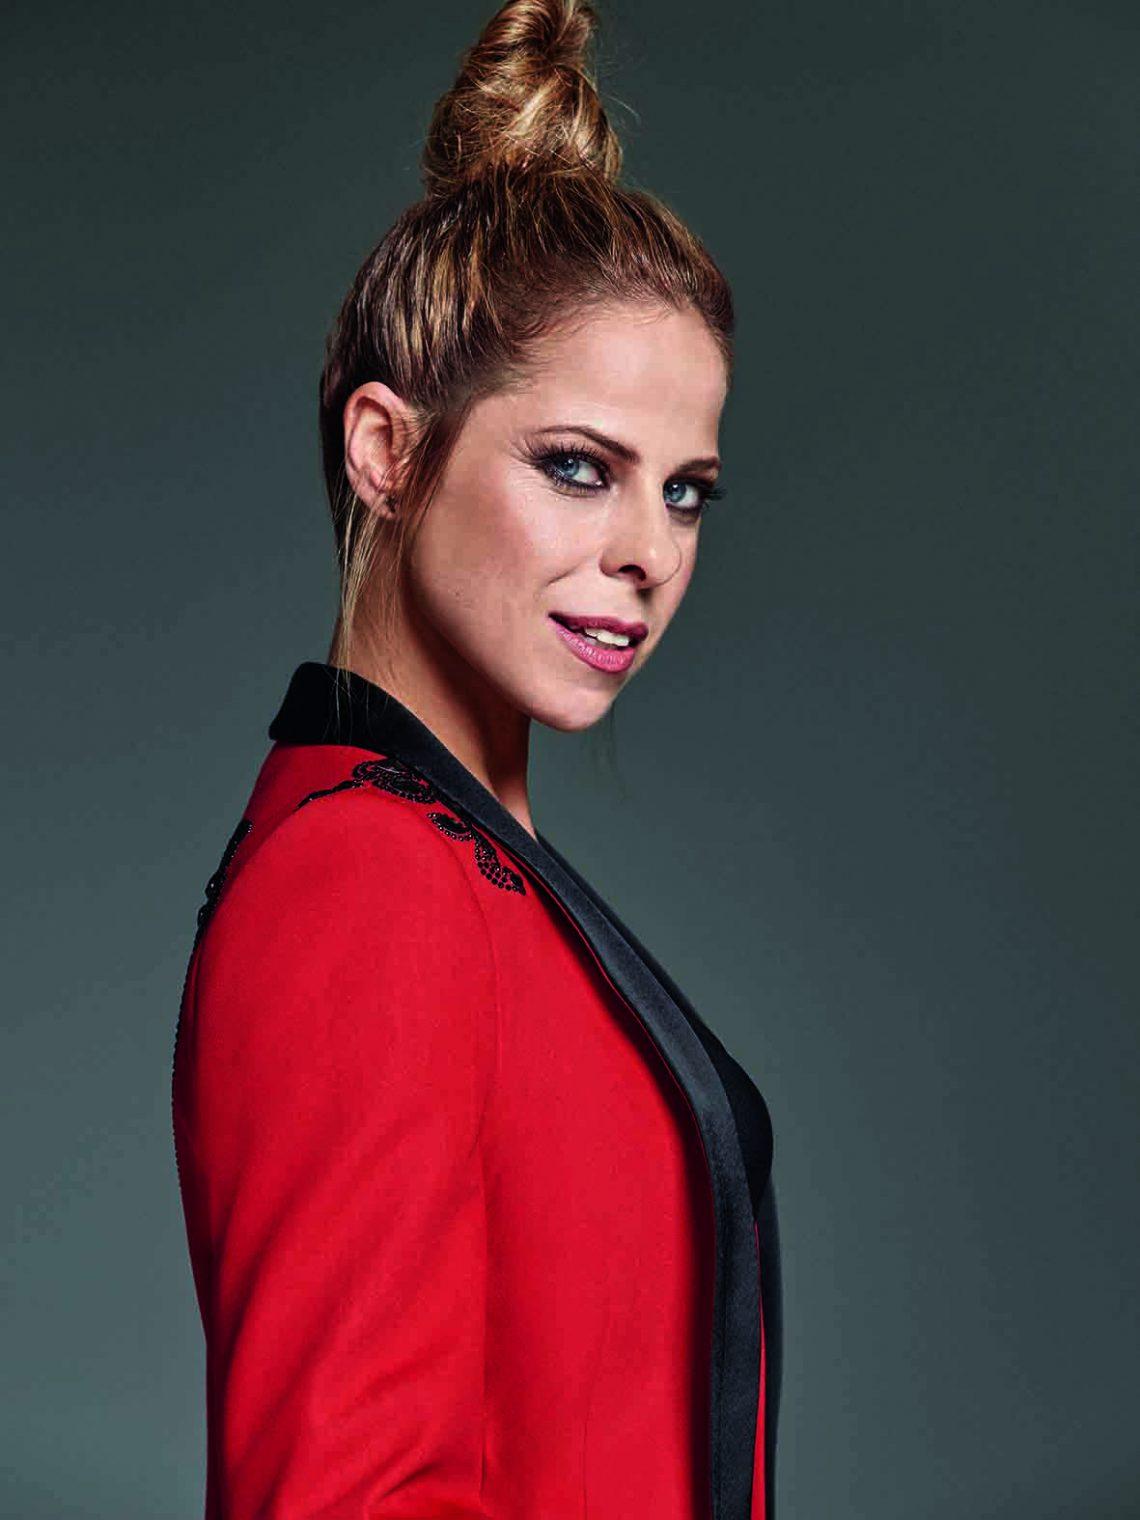 Los espectadores eligen el domingo 20 de enero la candidatura española para Eurovisión 2019